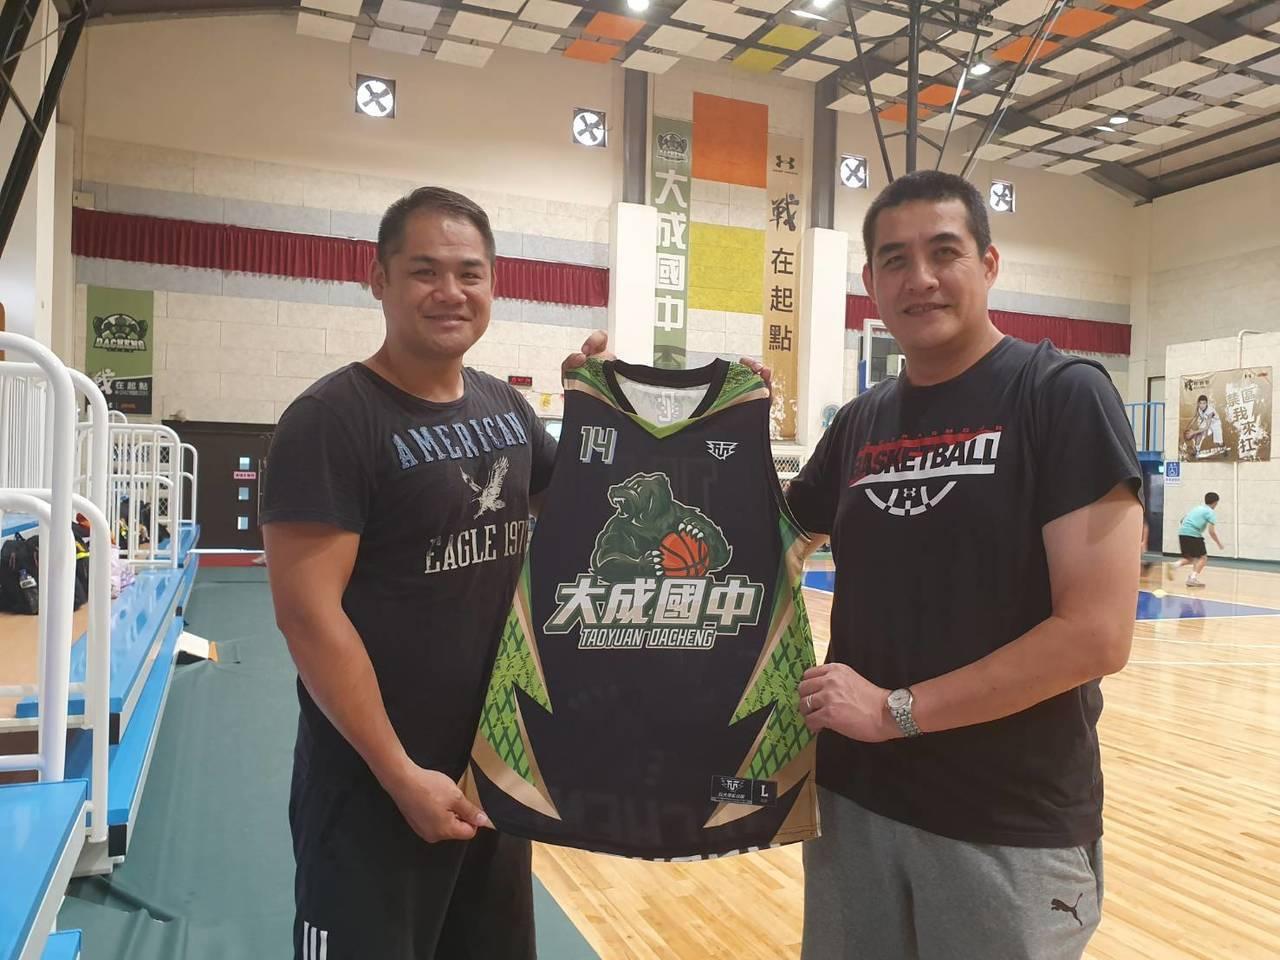 大成國中籃球校隊教練宋然診(右)說,能與國外選手切磋機會難得,希望帶學生出去見世...